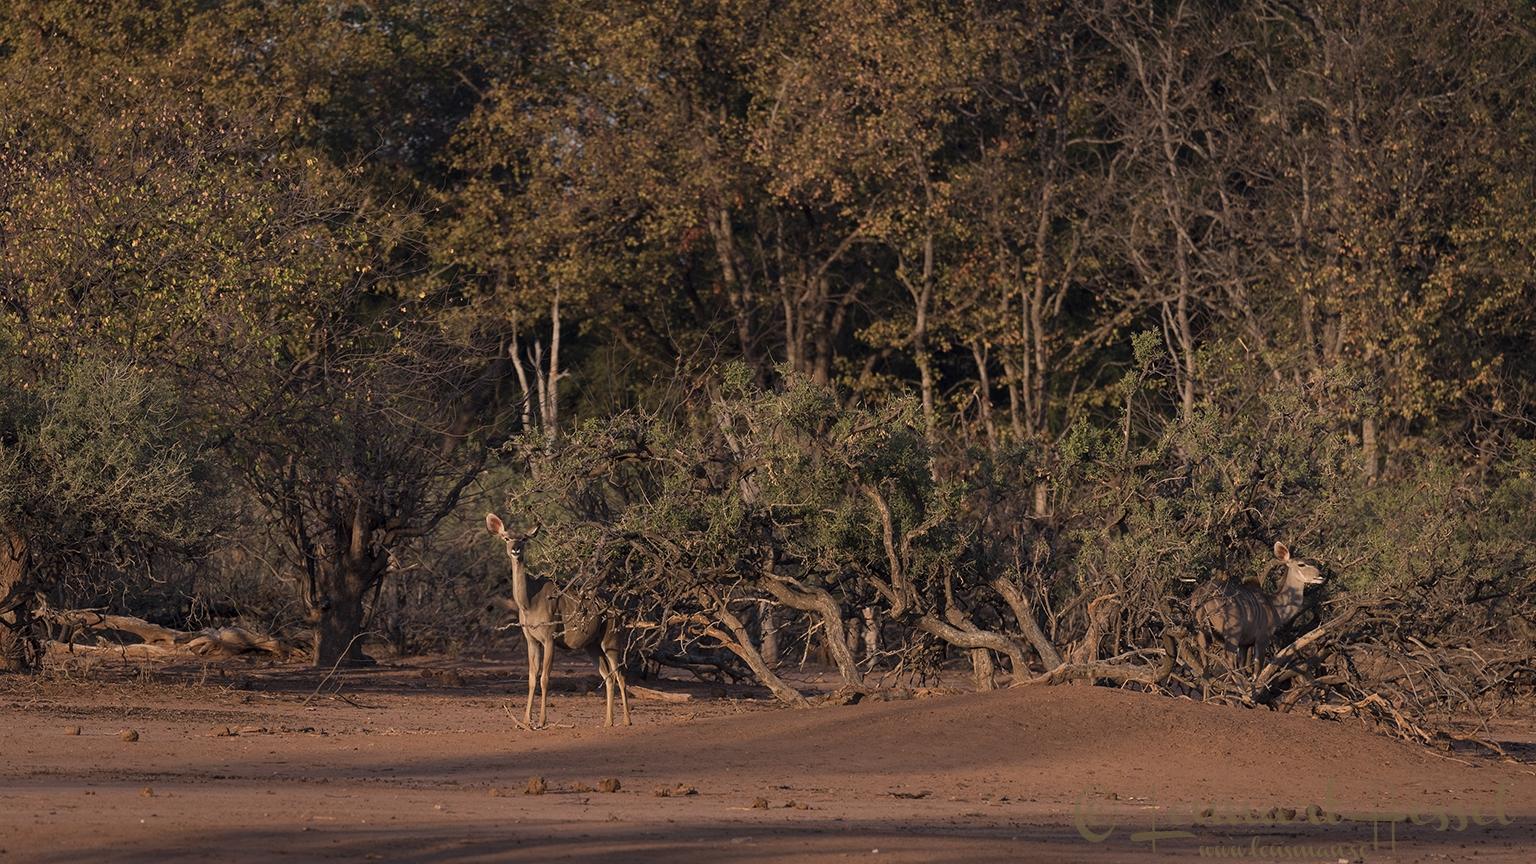 Kudus in habitat Tuli Block Tuli Wilderness